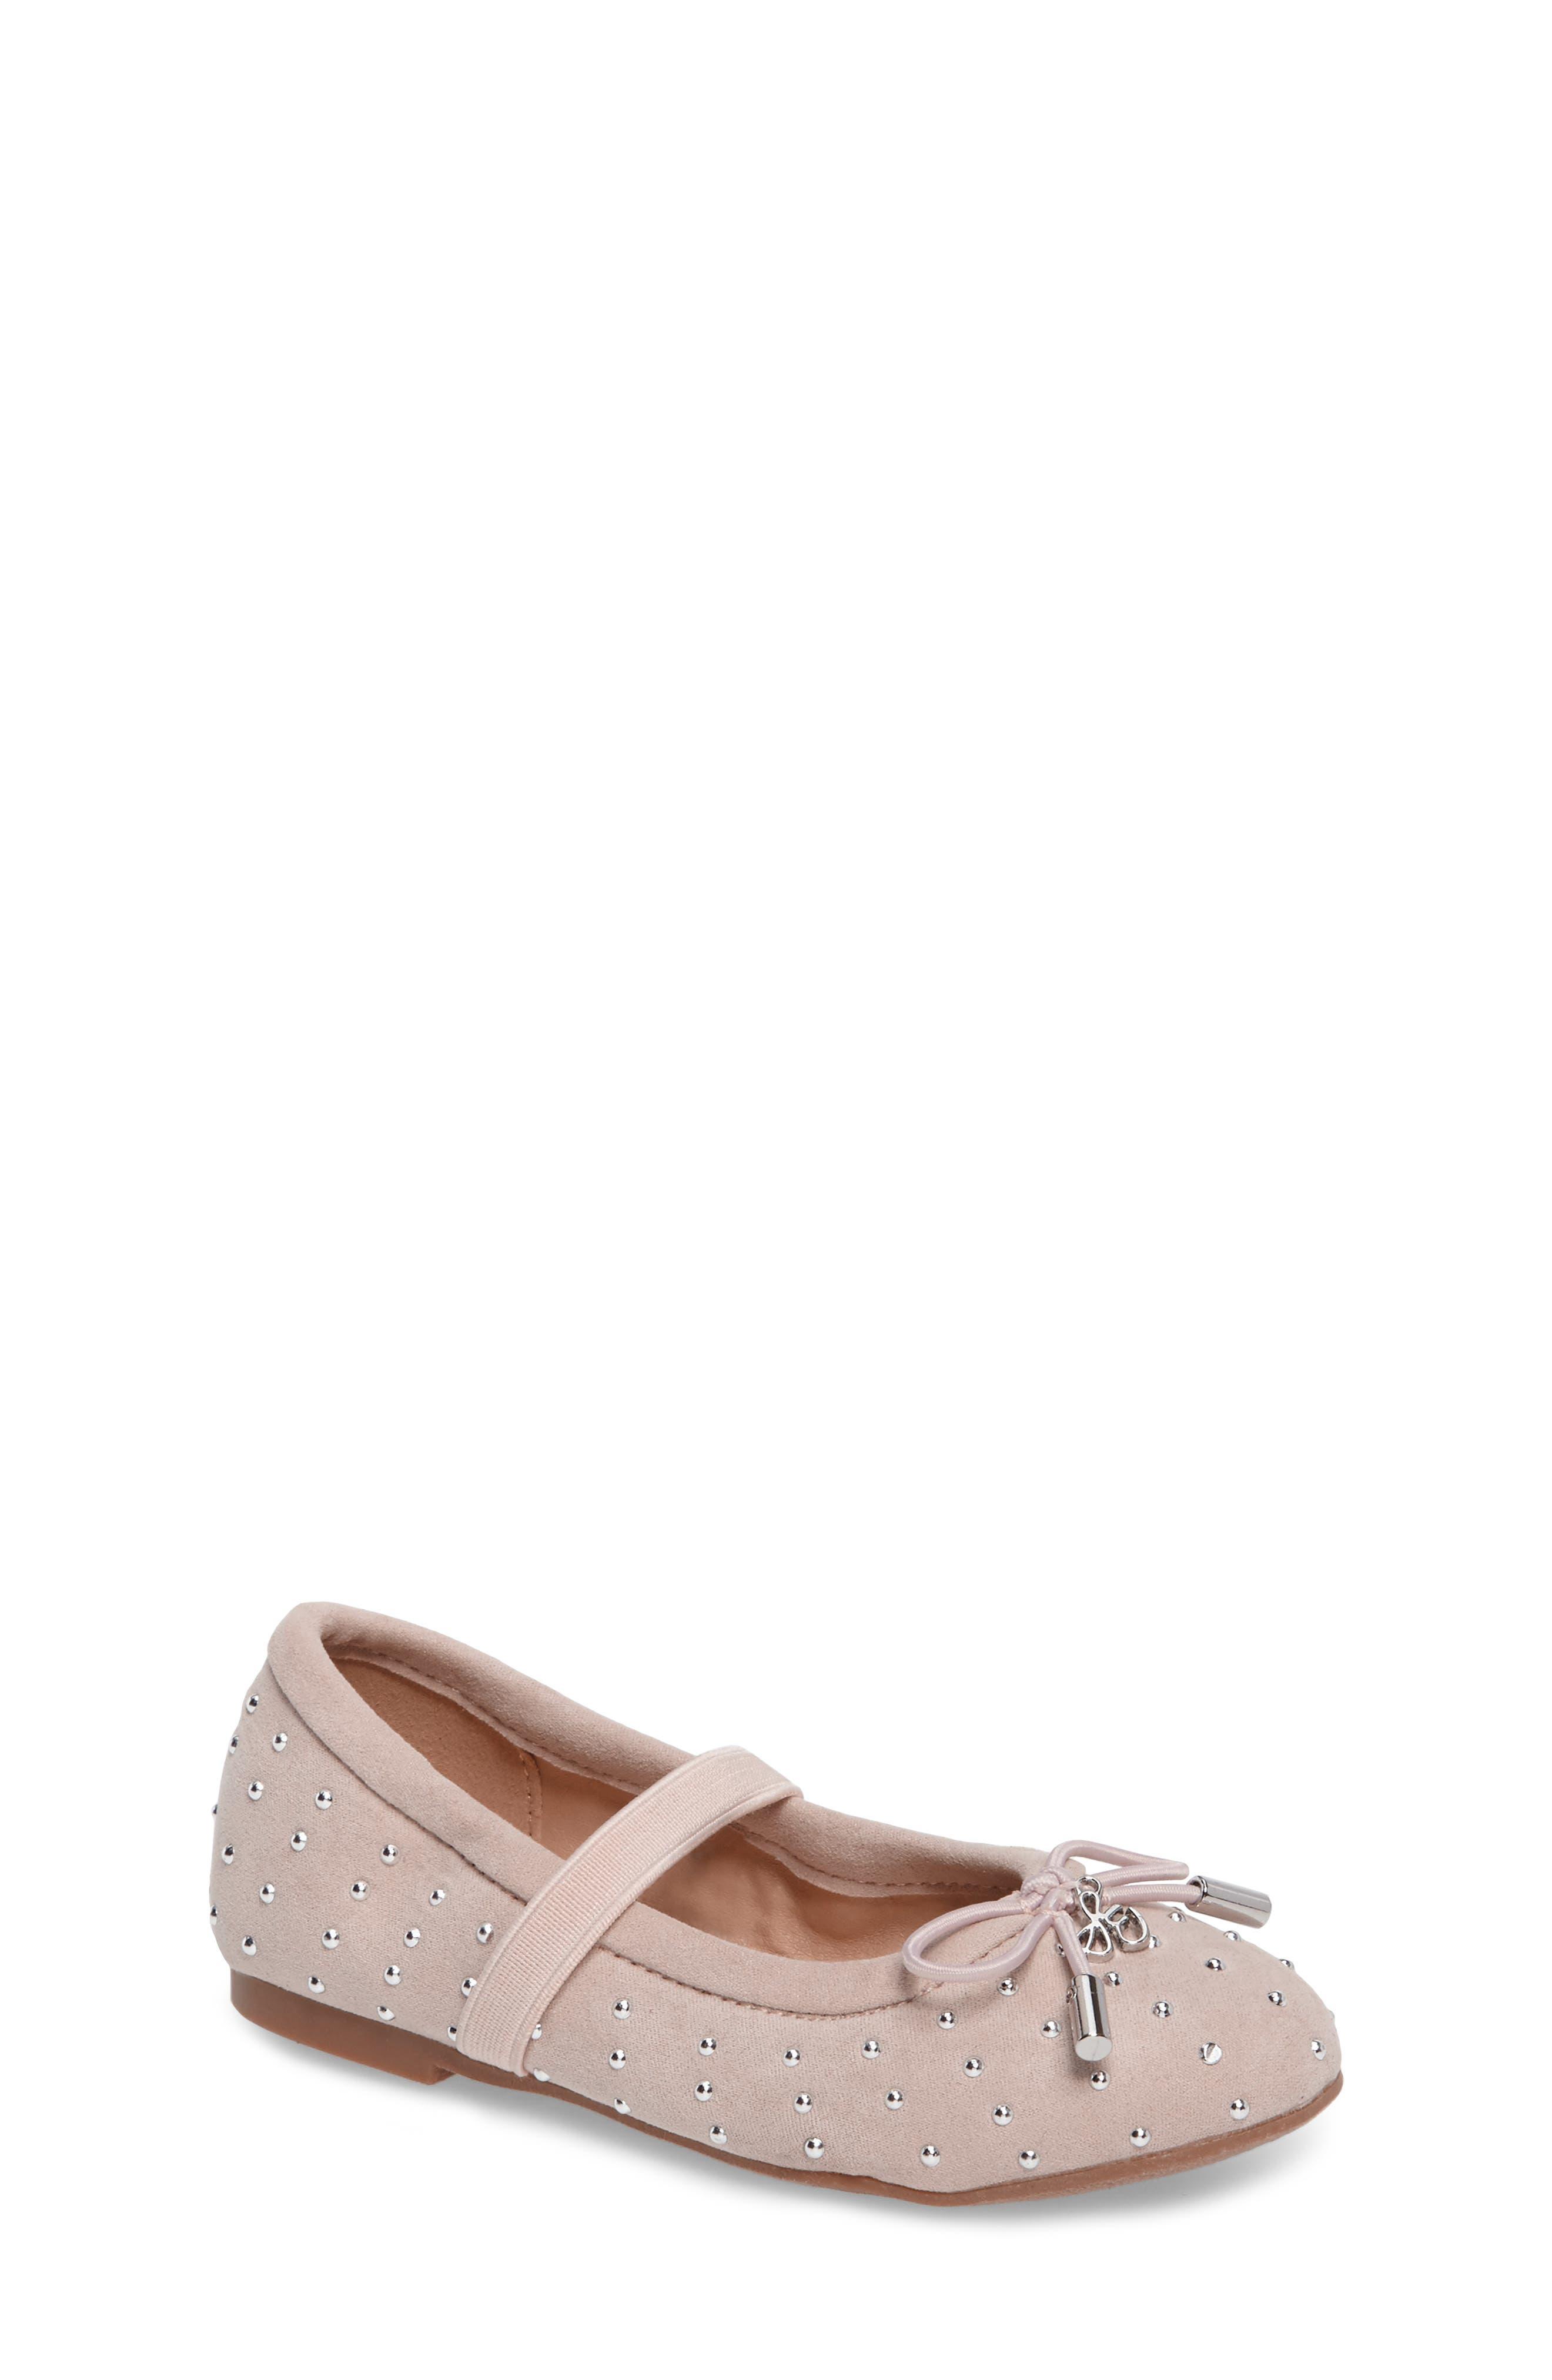 Felicia Ballet Flats,                         Main,                         color, 652